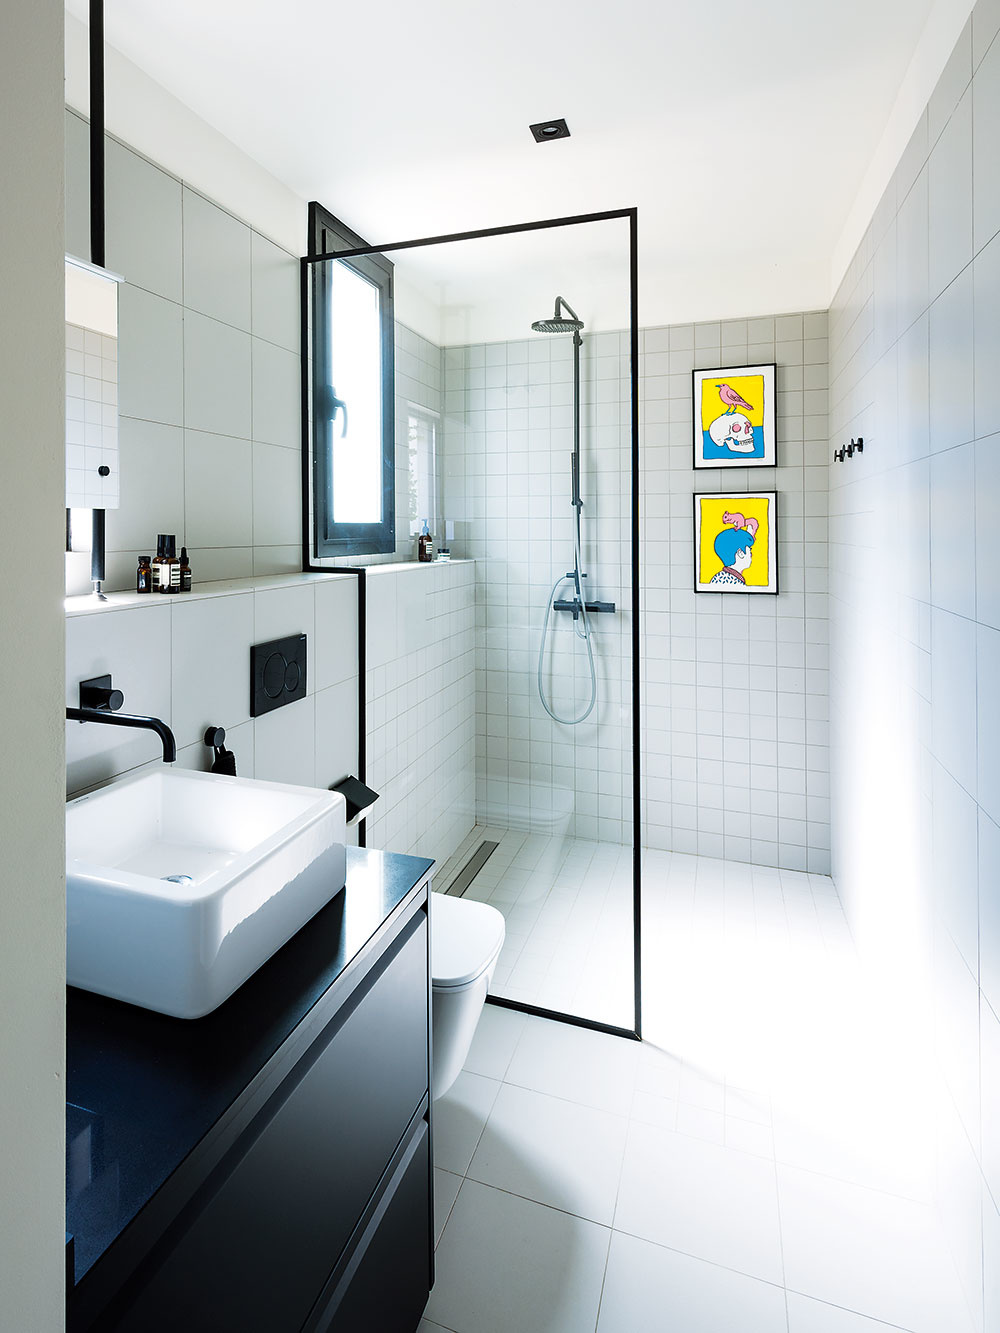 Priame svetlo do kúpeľne zabezpečuje okno, okolo ktorého sa nachádza kovová konštrukcia. Tú postupne obrastie zeleň. Na rovnakých rúrach je v kúpeľni upevnené aj zrkadlo nad umývadlom, ktoré sa nachádza priamo pred oknom.